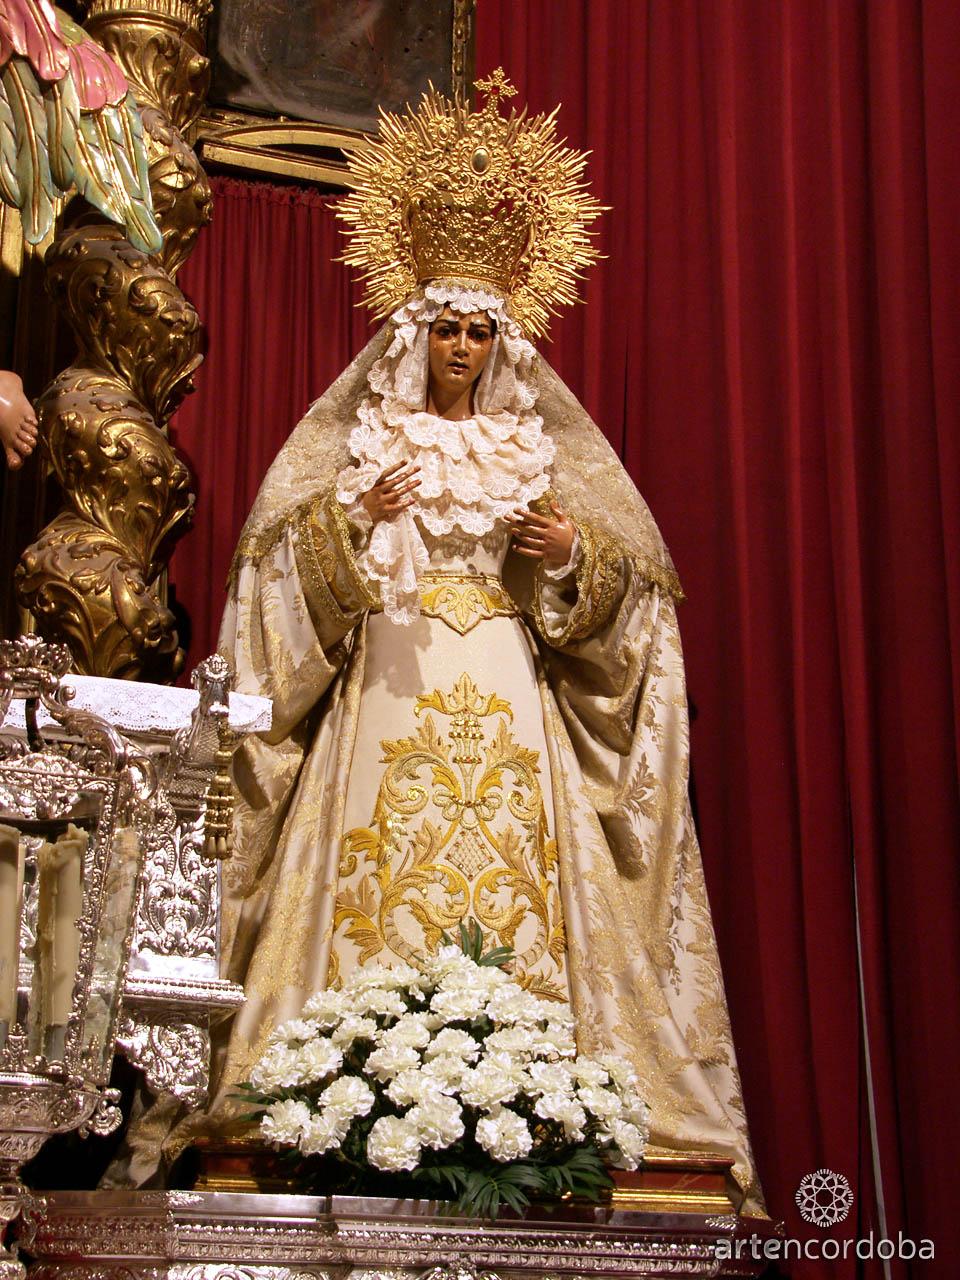 María Santísima de la Candelaria - Hermandad del Huerto en Córdoba